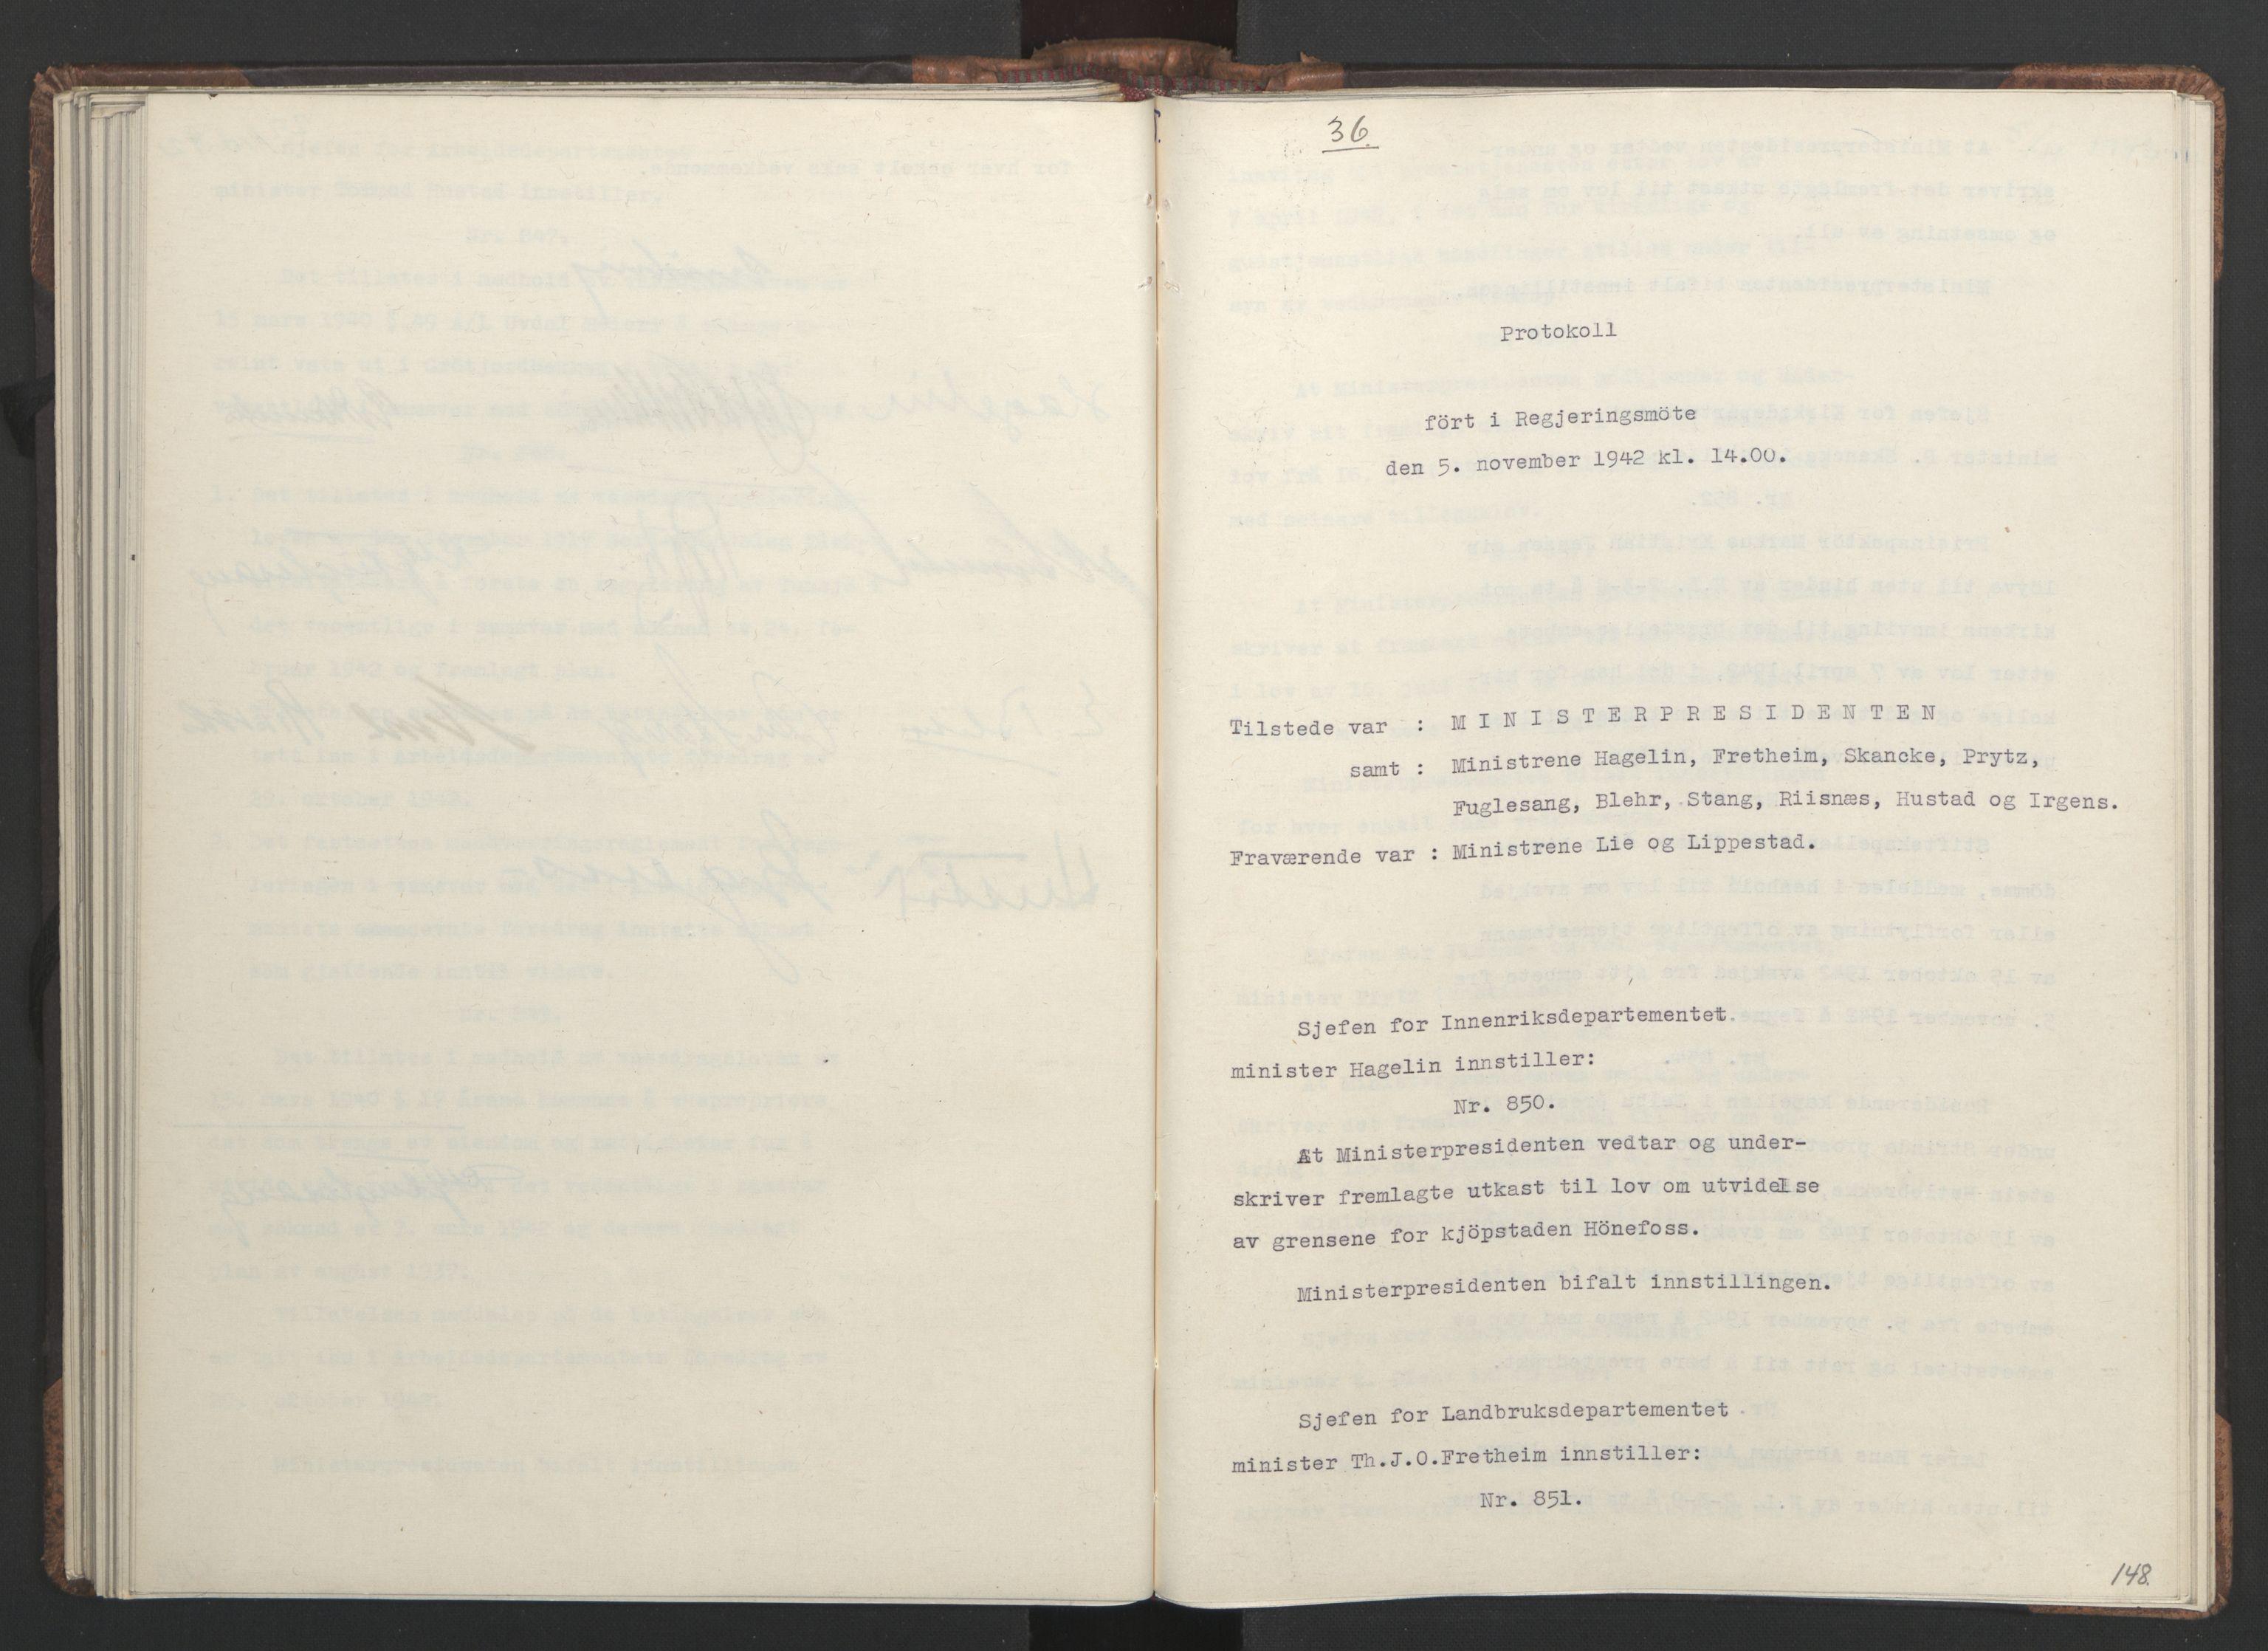 RA, NS-administrasjonen 1940-1945 (Statsrådsekretariatet, de kommisariske statsråder mm), D/Da/L0001: Beslutninger og tillegg (1-952 og 1-32), 1942, s. 147b-148a